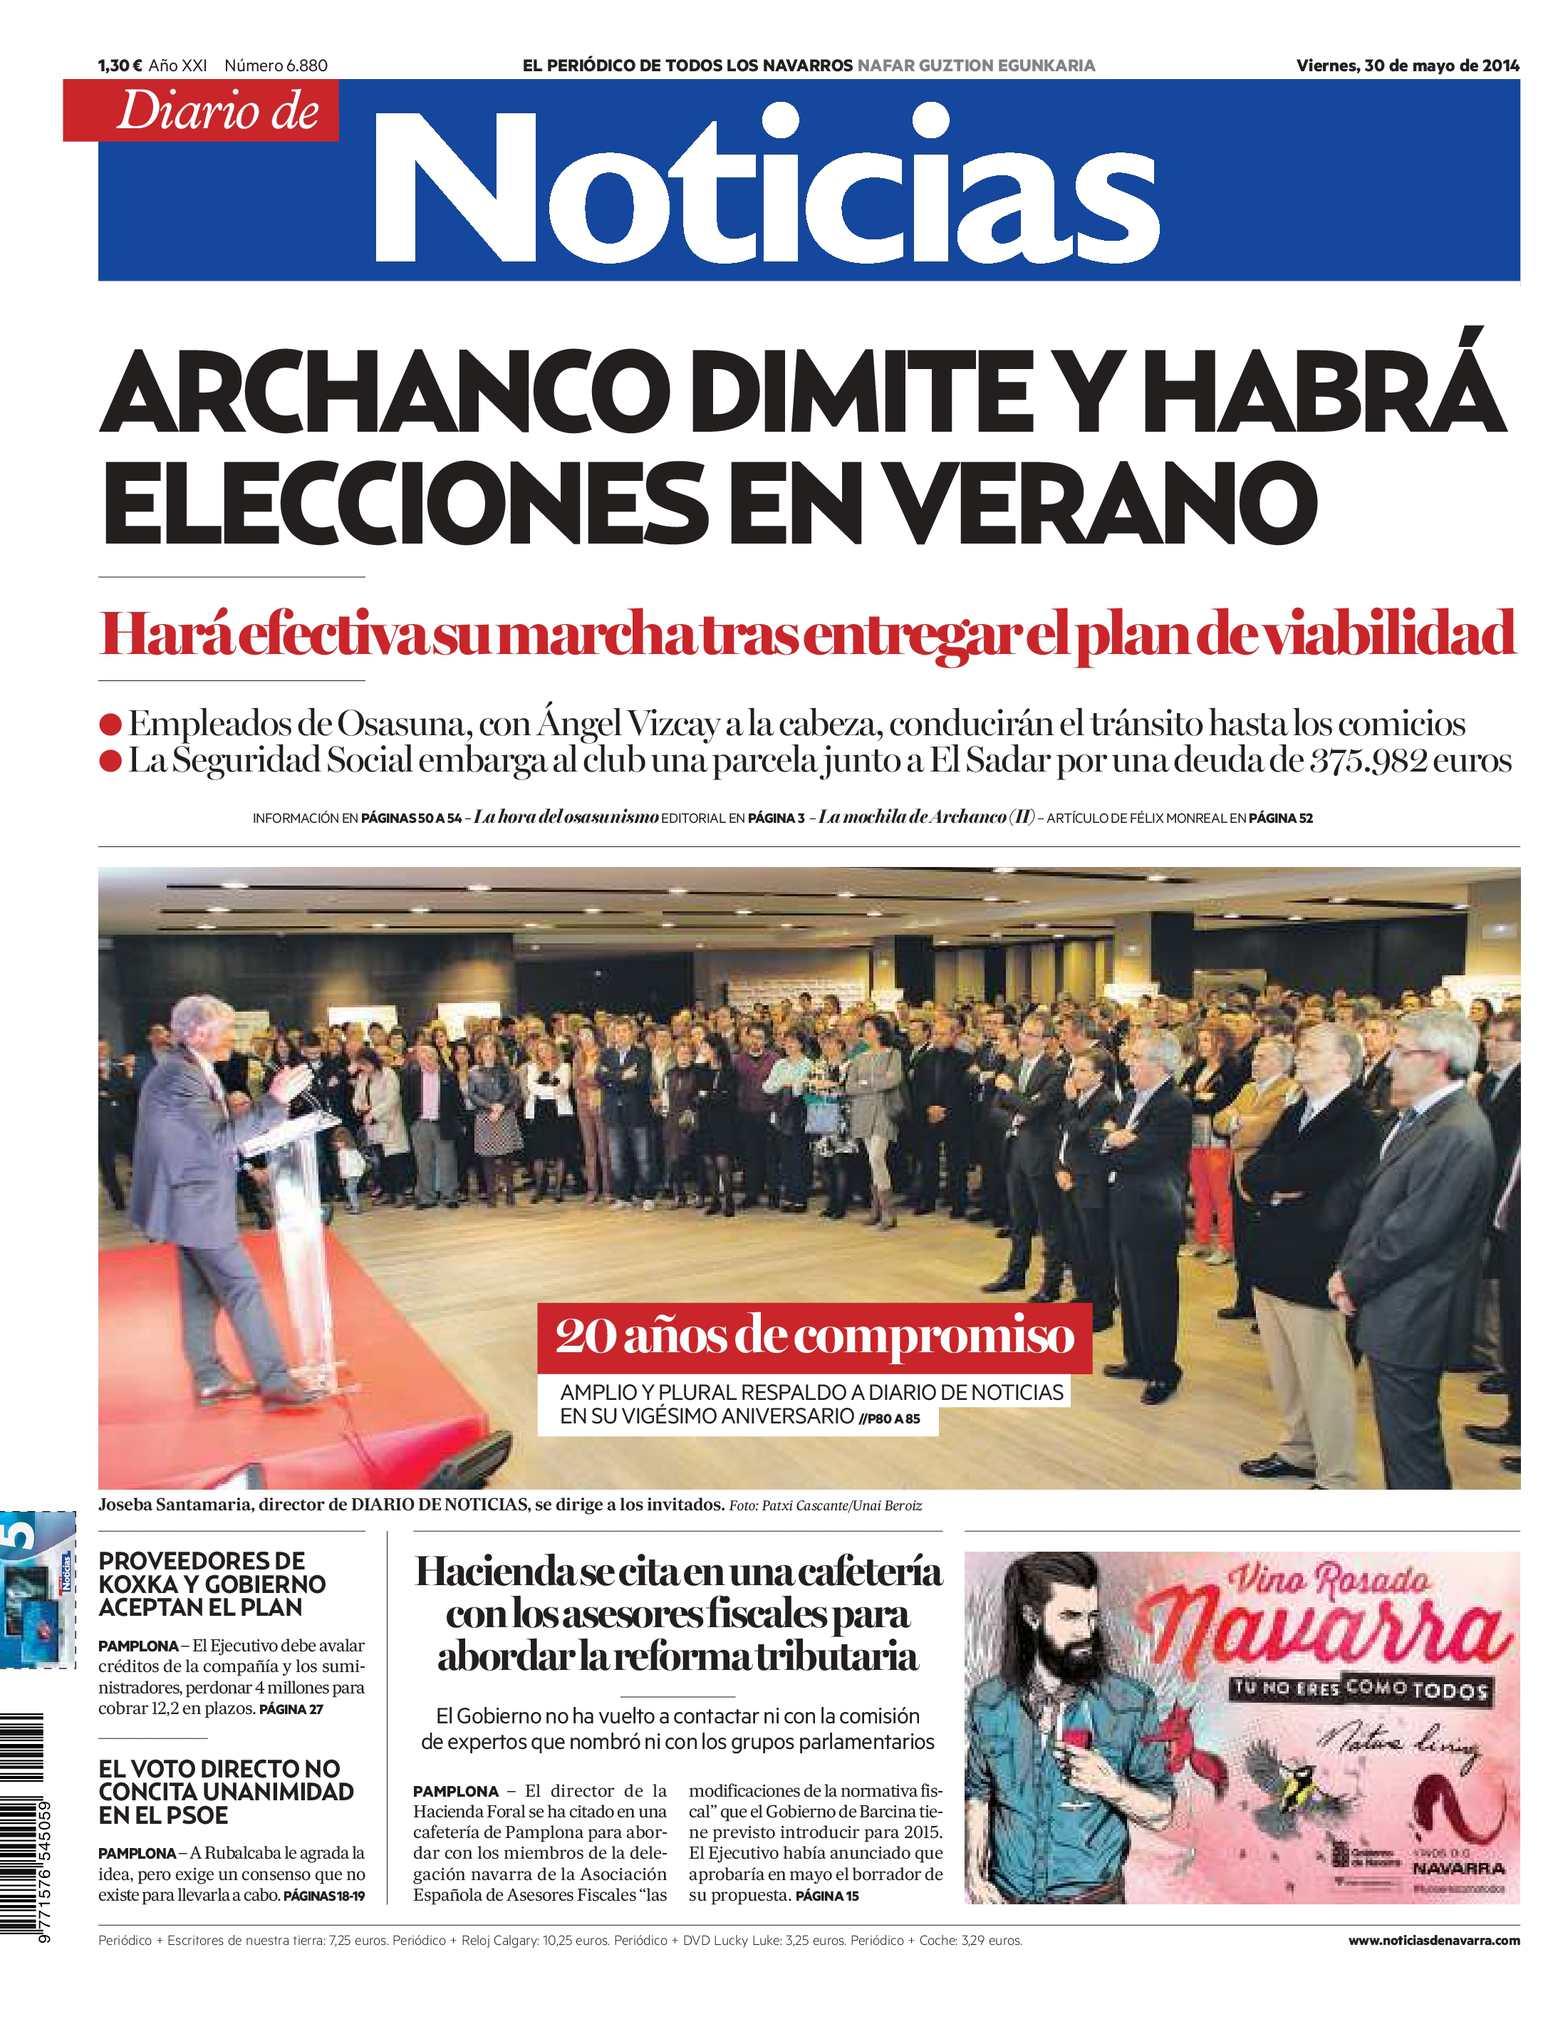 Calaméo - Diario de Noticias 20140530 335e576ca5b3